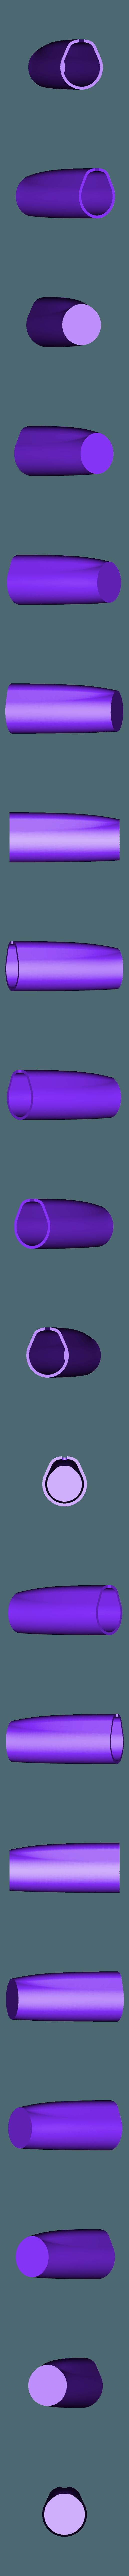 FlyReel_Fishing_Rod_Cap_v1-0.STL Télécharger fichier STL gratuit Poteaux de pêche • Objet pour impression 3D, WalterHsiao